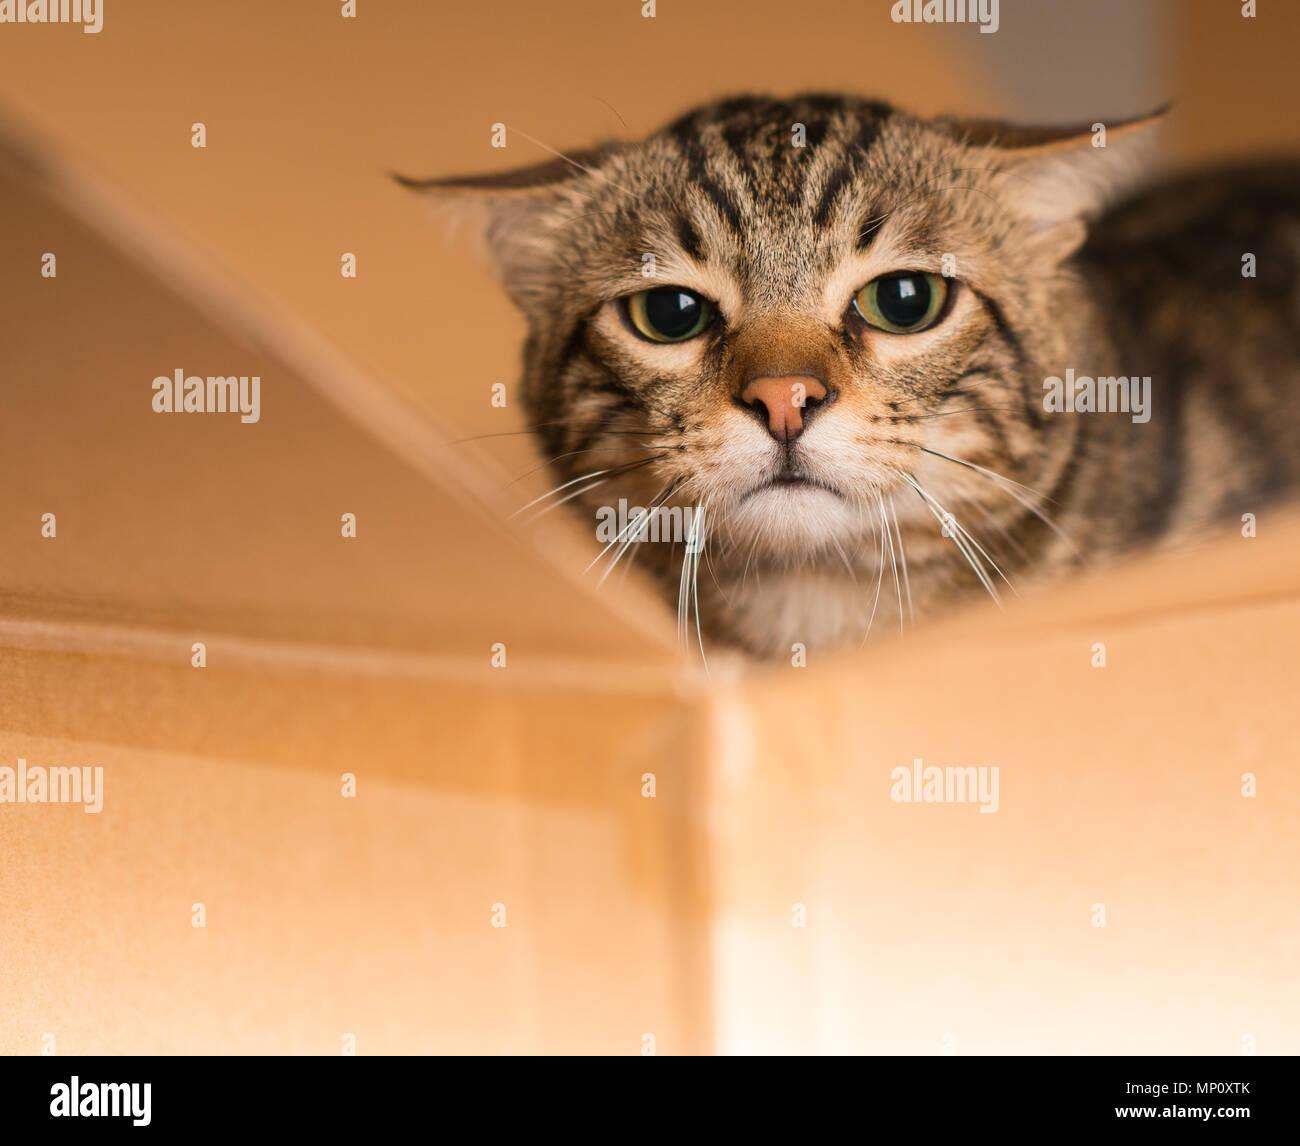 Schöne Katze Versteck spielen und in einem Karton suchen Stockfoto